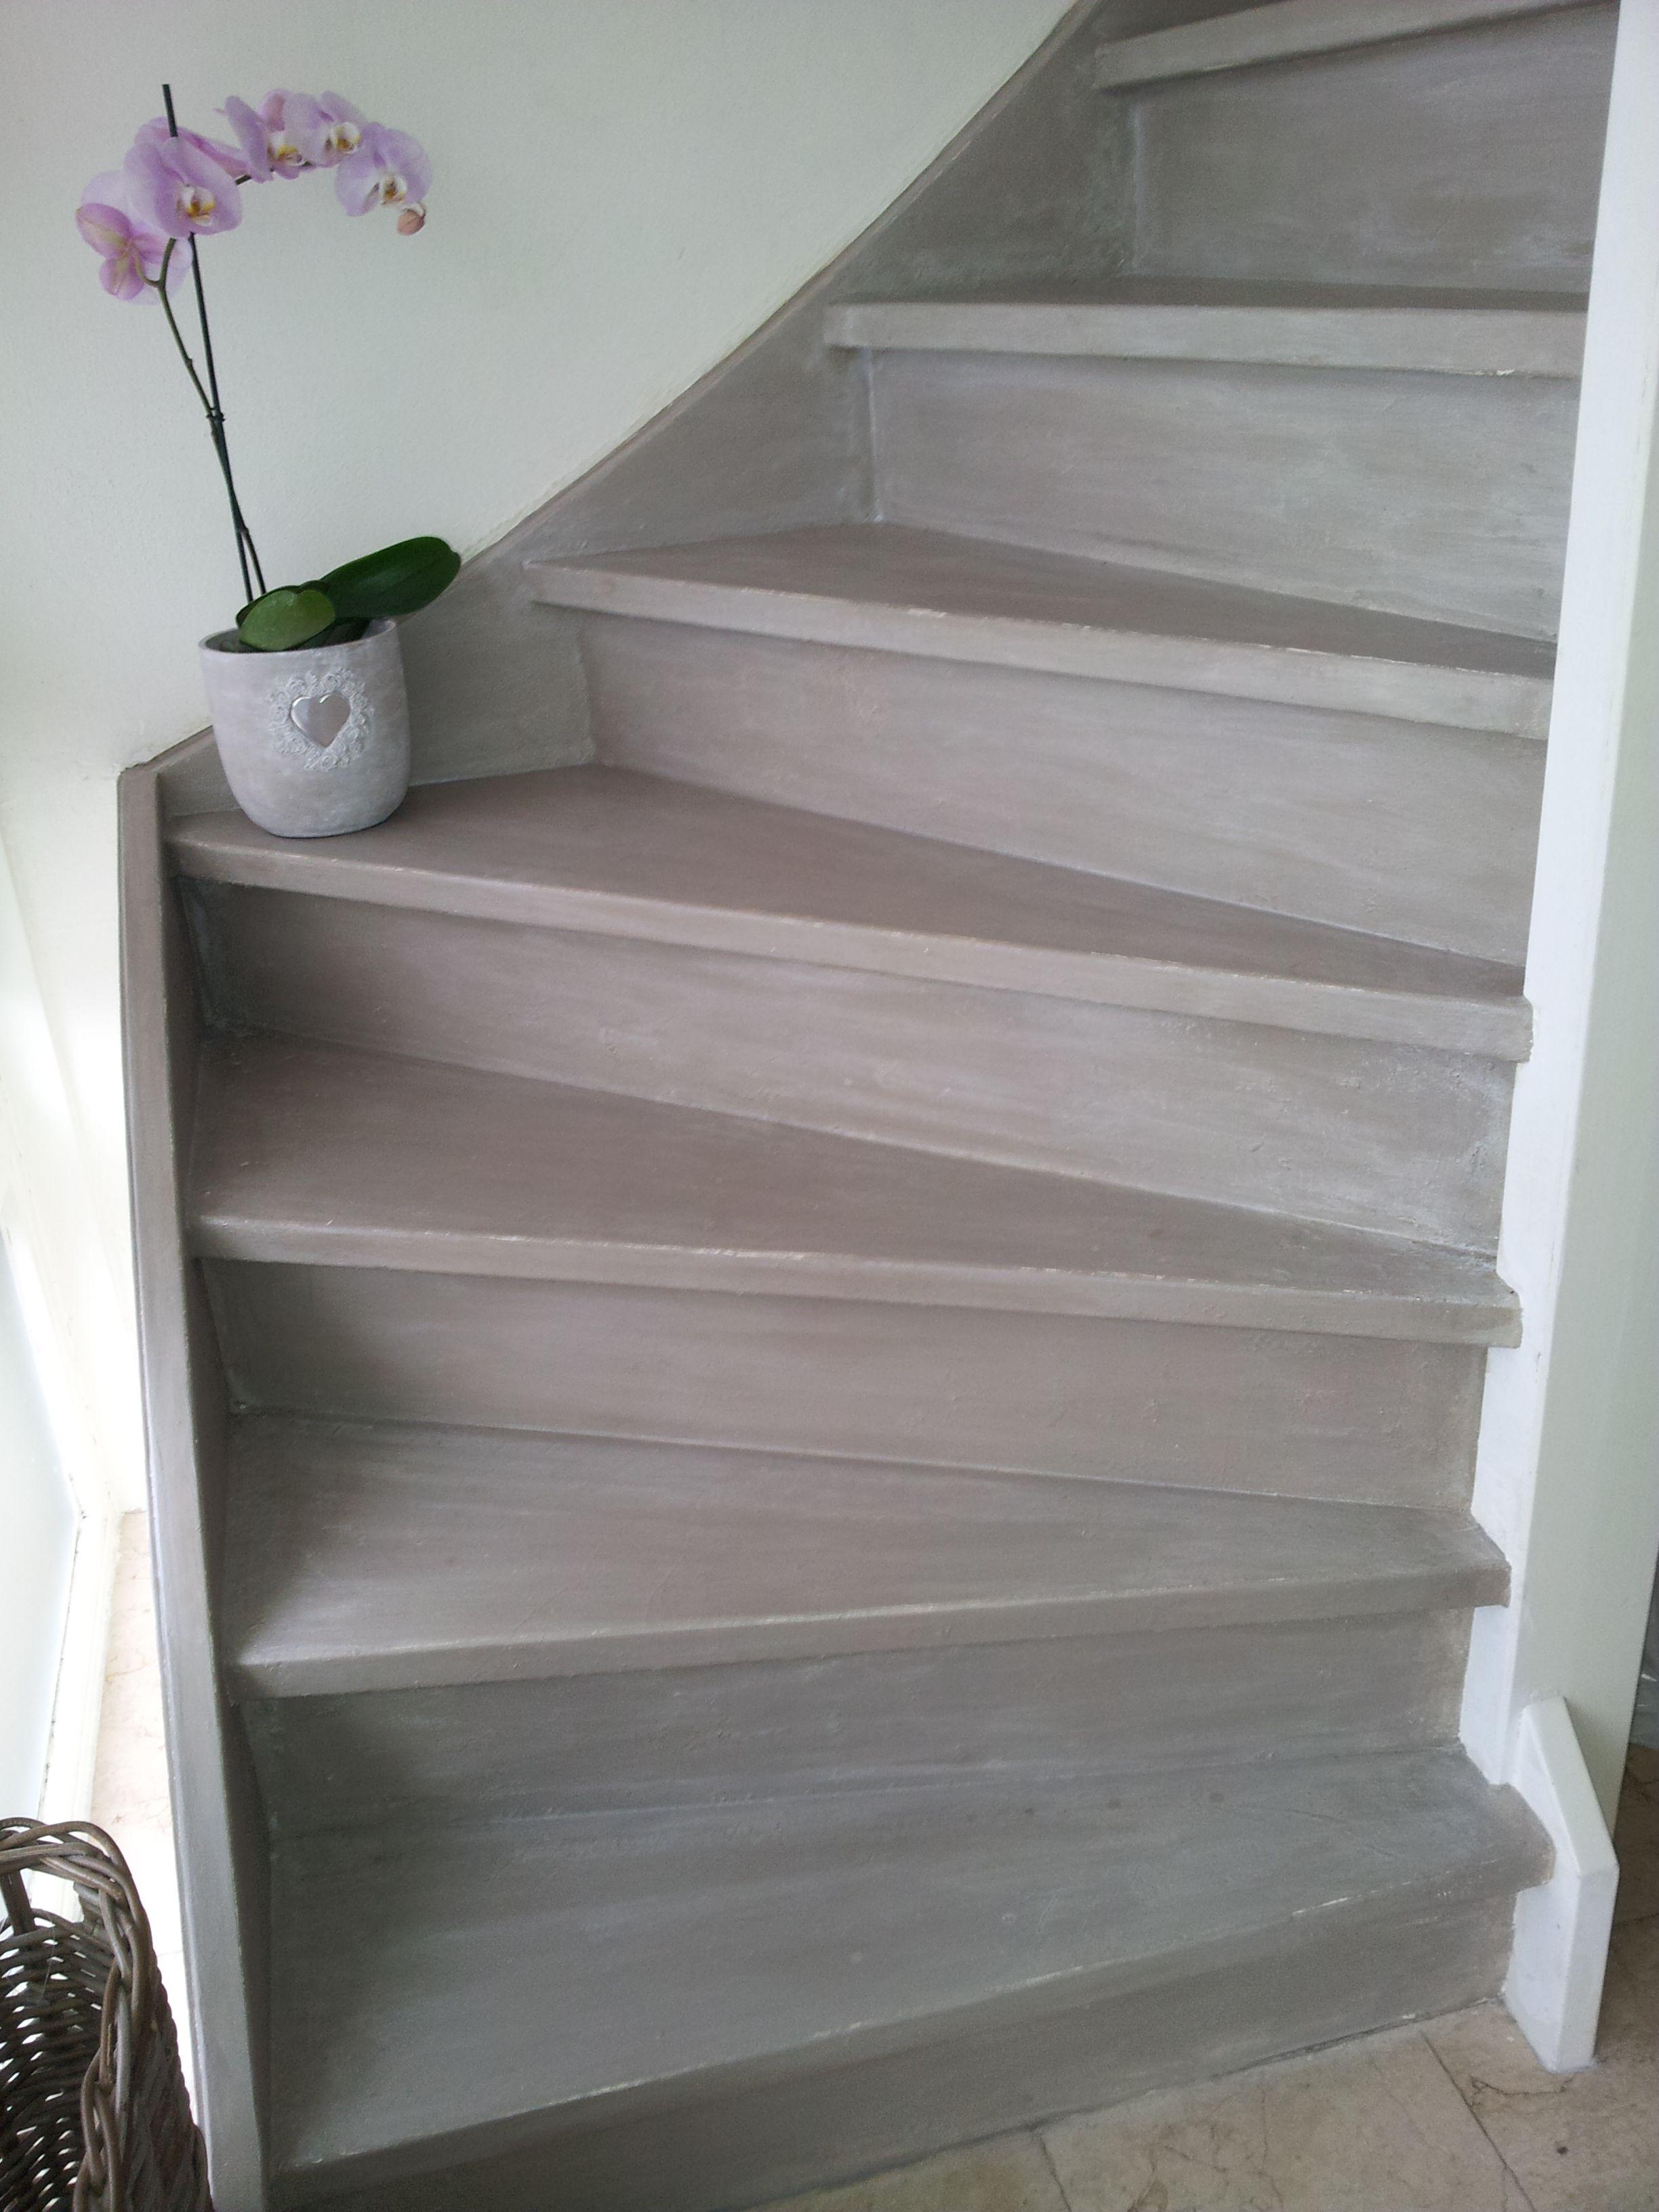 Bedwelming Francis heeft haar trap met Pure White en French Linen geverfd VQ63